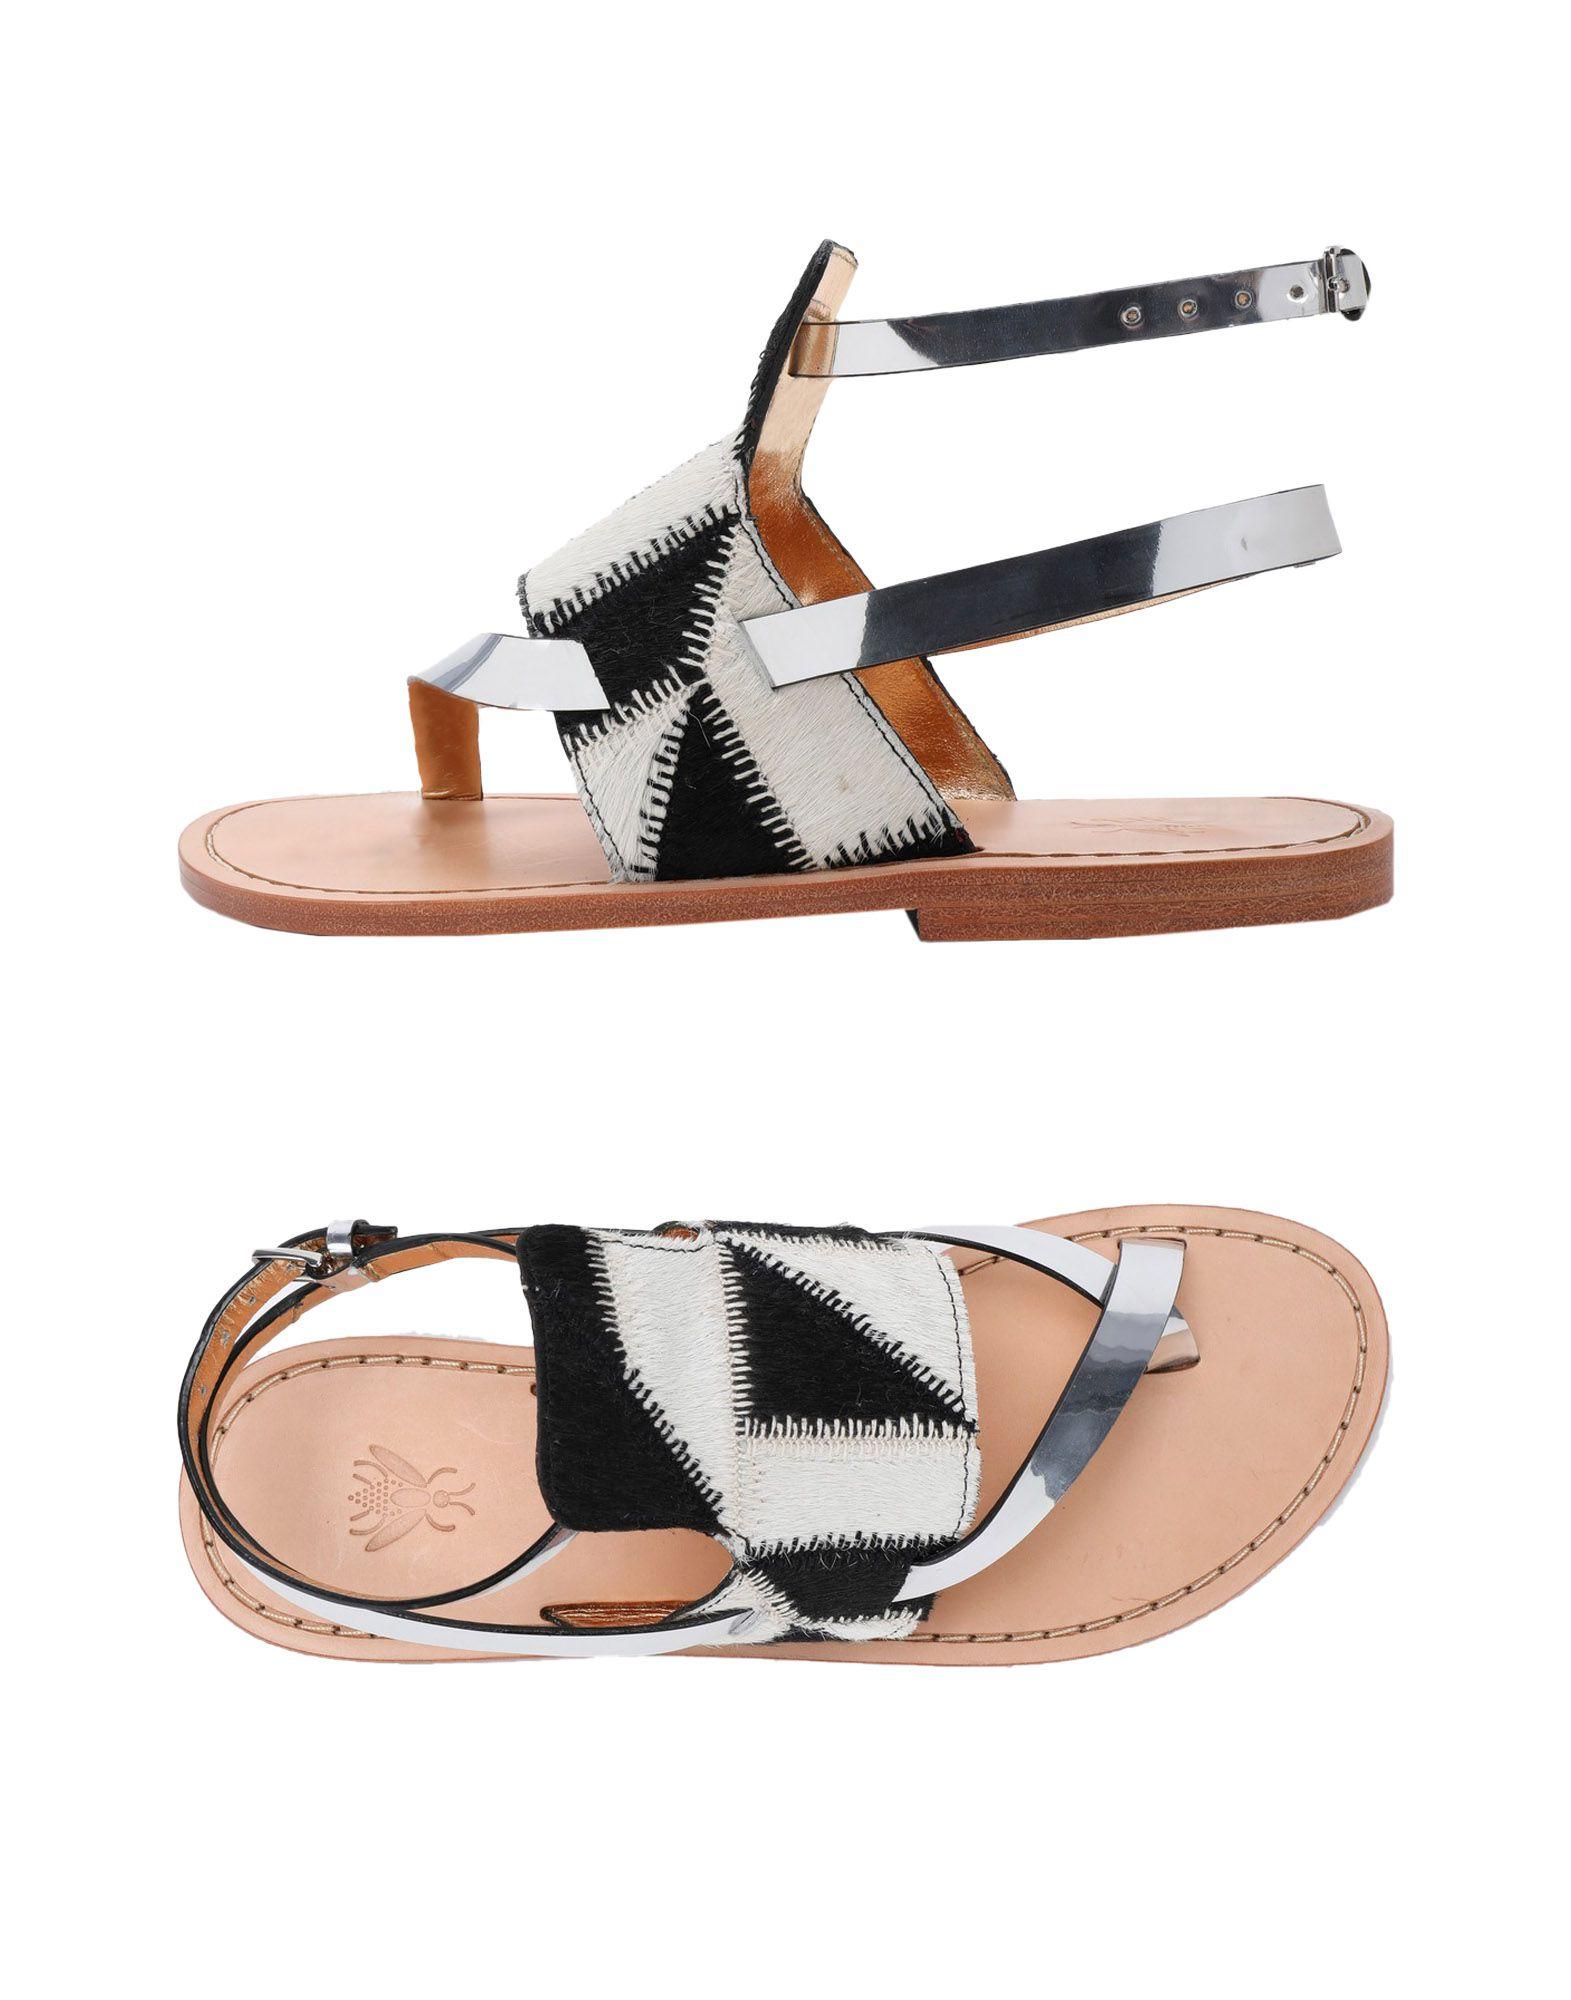 Sanchita Dianetten Damen  11363642HM Gute Qualität beliebte Schuhe